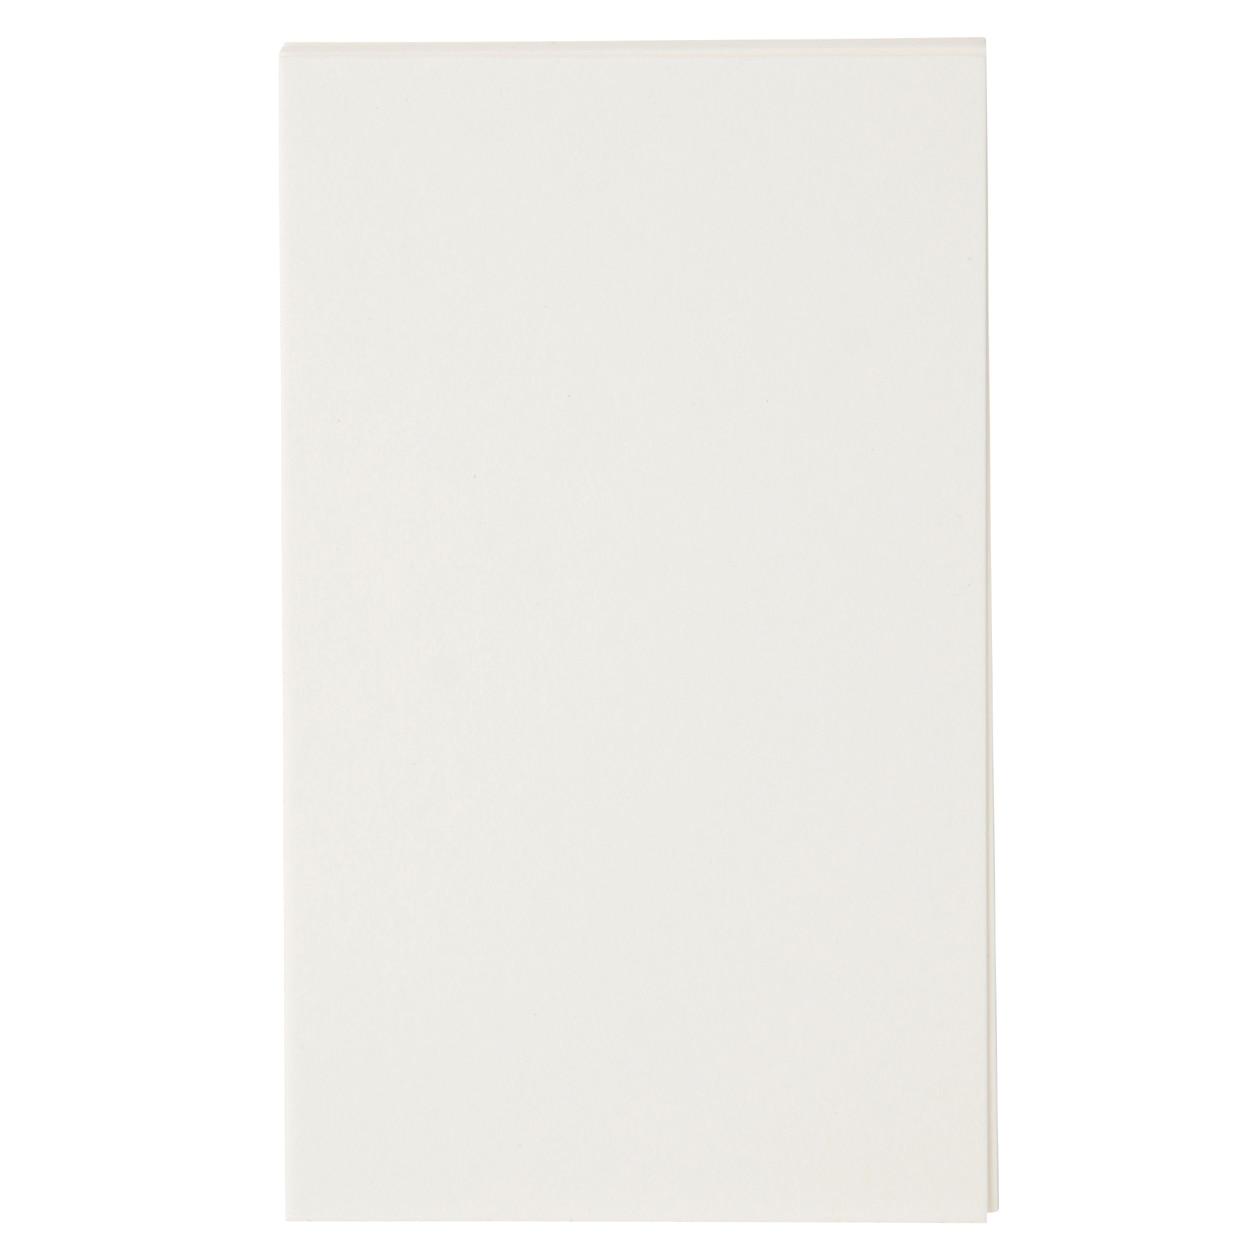 コットンペーパーメッセージカード